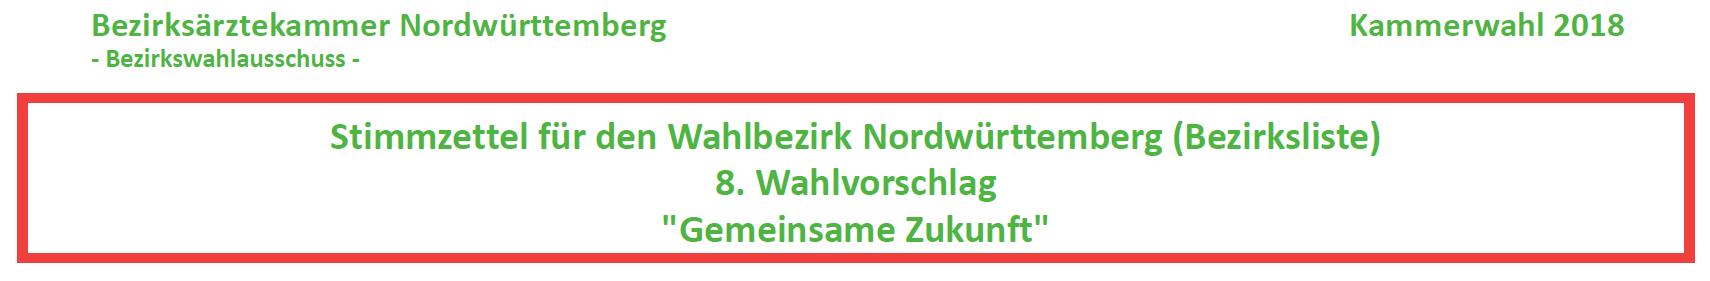 """Bezirksärztekammer Nordwürttemberg: Stimmzettel für den Wahlbezirk Nordwürttemberg (Bezirksliste) 8. Wahlvorschlag """"Gemeinsame Zukunft"""""""